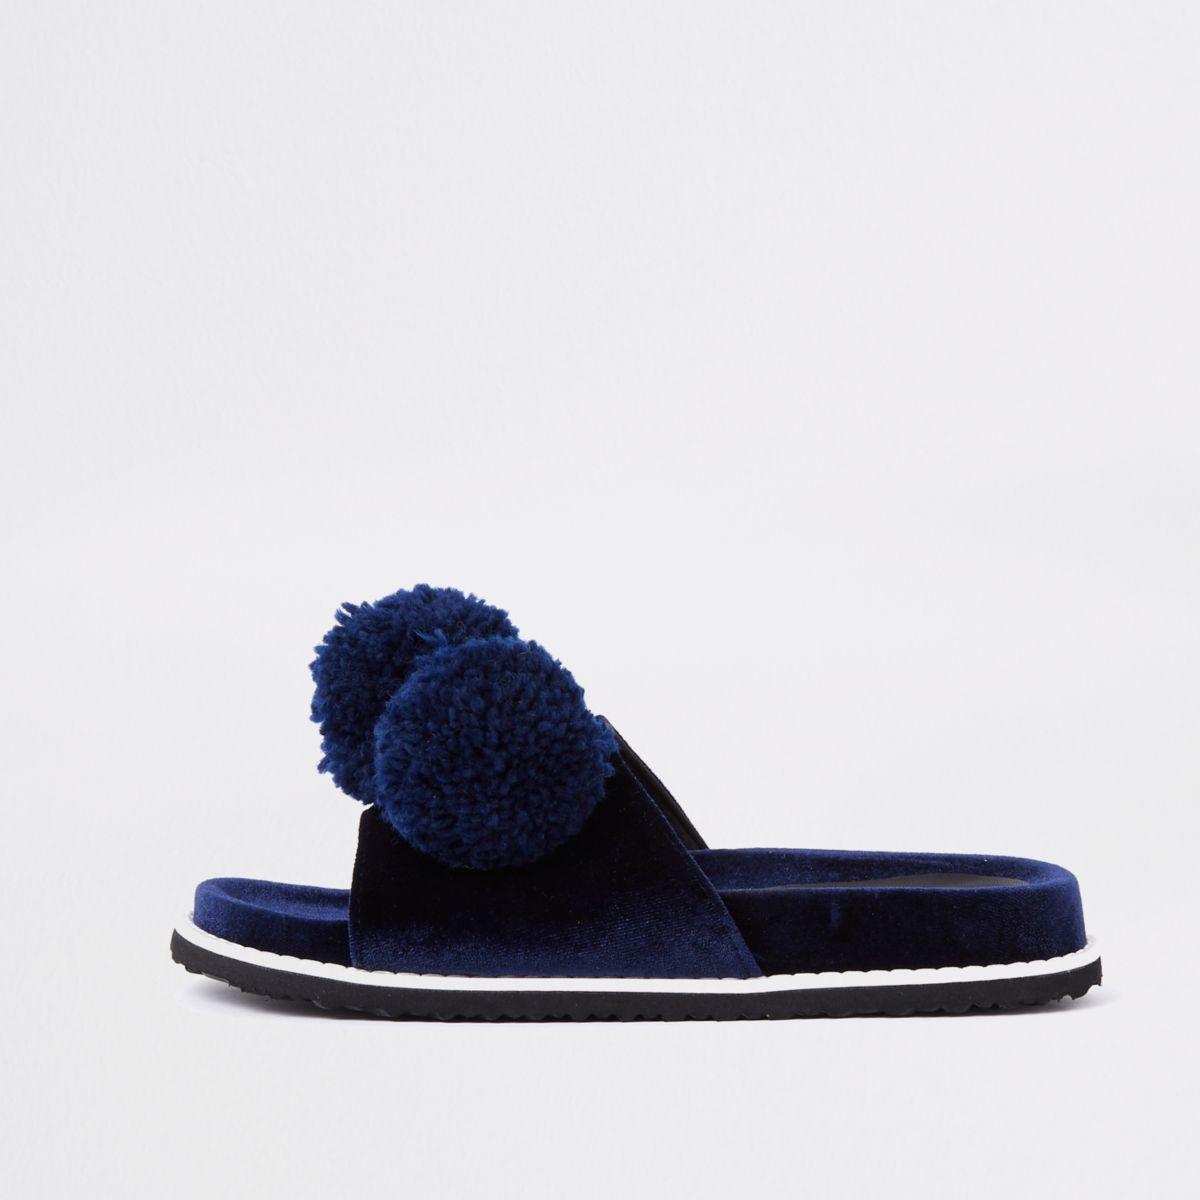 Claquettes en velours bleu marine à pompon